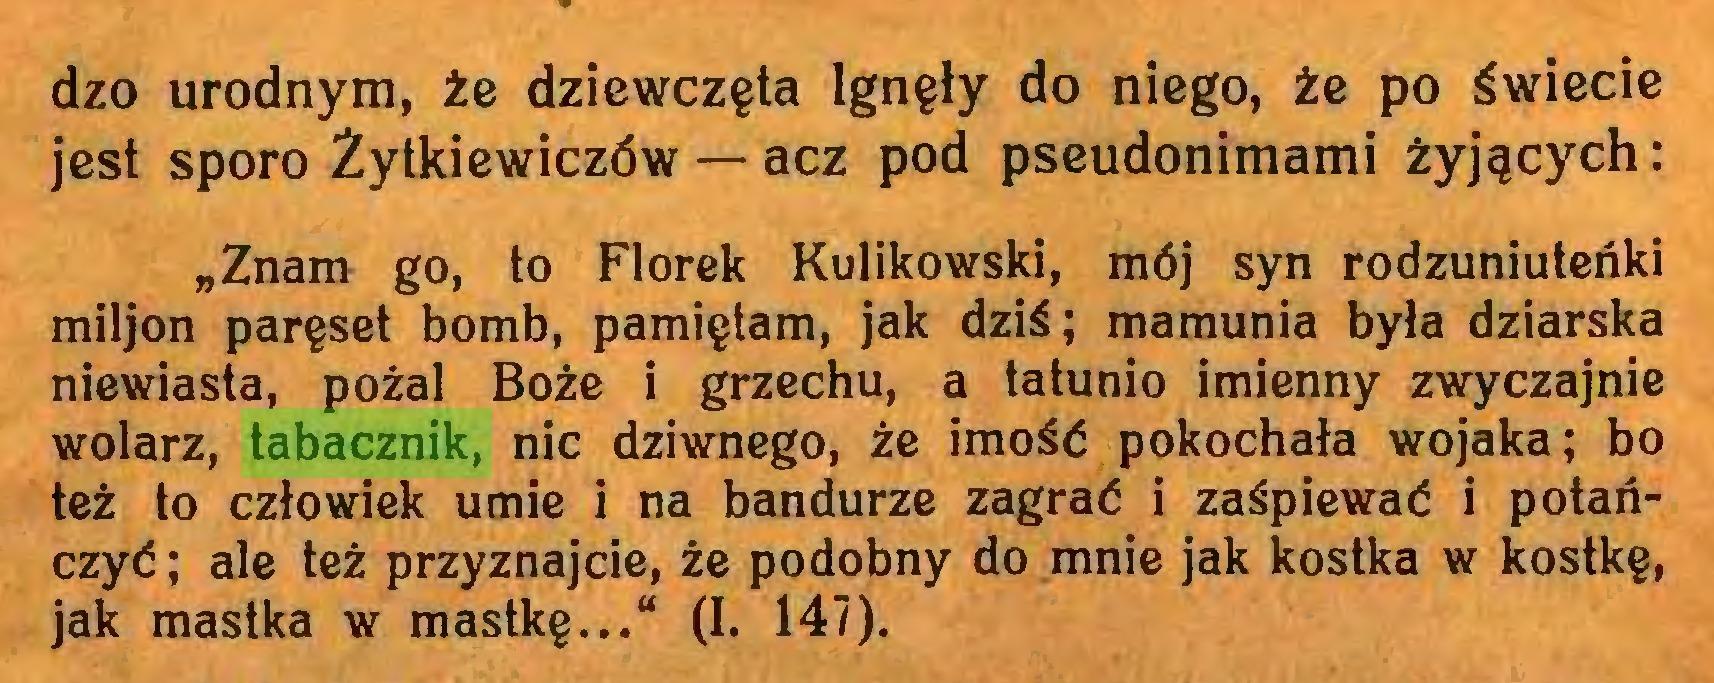 """(...) dzo urodnym, że dziewczęta lgnęły do niego, że po świecie jest sporo Źytkiewiczów — acz pod pseudonimami żyjących: """"Znam go, to Florek Kulikowski, mój syn rodzuniuteńki miljon paręset bomb, pamiętam, jak dziś; mamunia była dziarska niewiasta, pożal Boże i grzechu, a tatunio imienny zwyczajnie wolarz, tabacznik, nic dziwnego, że imość pokochała wojaka; bo też to człowiek umie i na bandurze zagrać i zaśpiewać i potańczyć ; ale też przyznajcie, że podobny do mnie jak kostka w kostkę, jak mastka w mastkę..."""" (I. 147)..."""